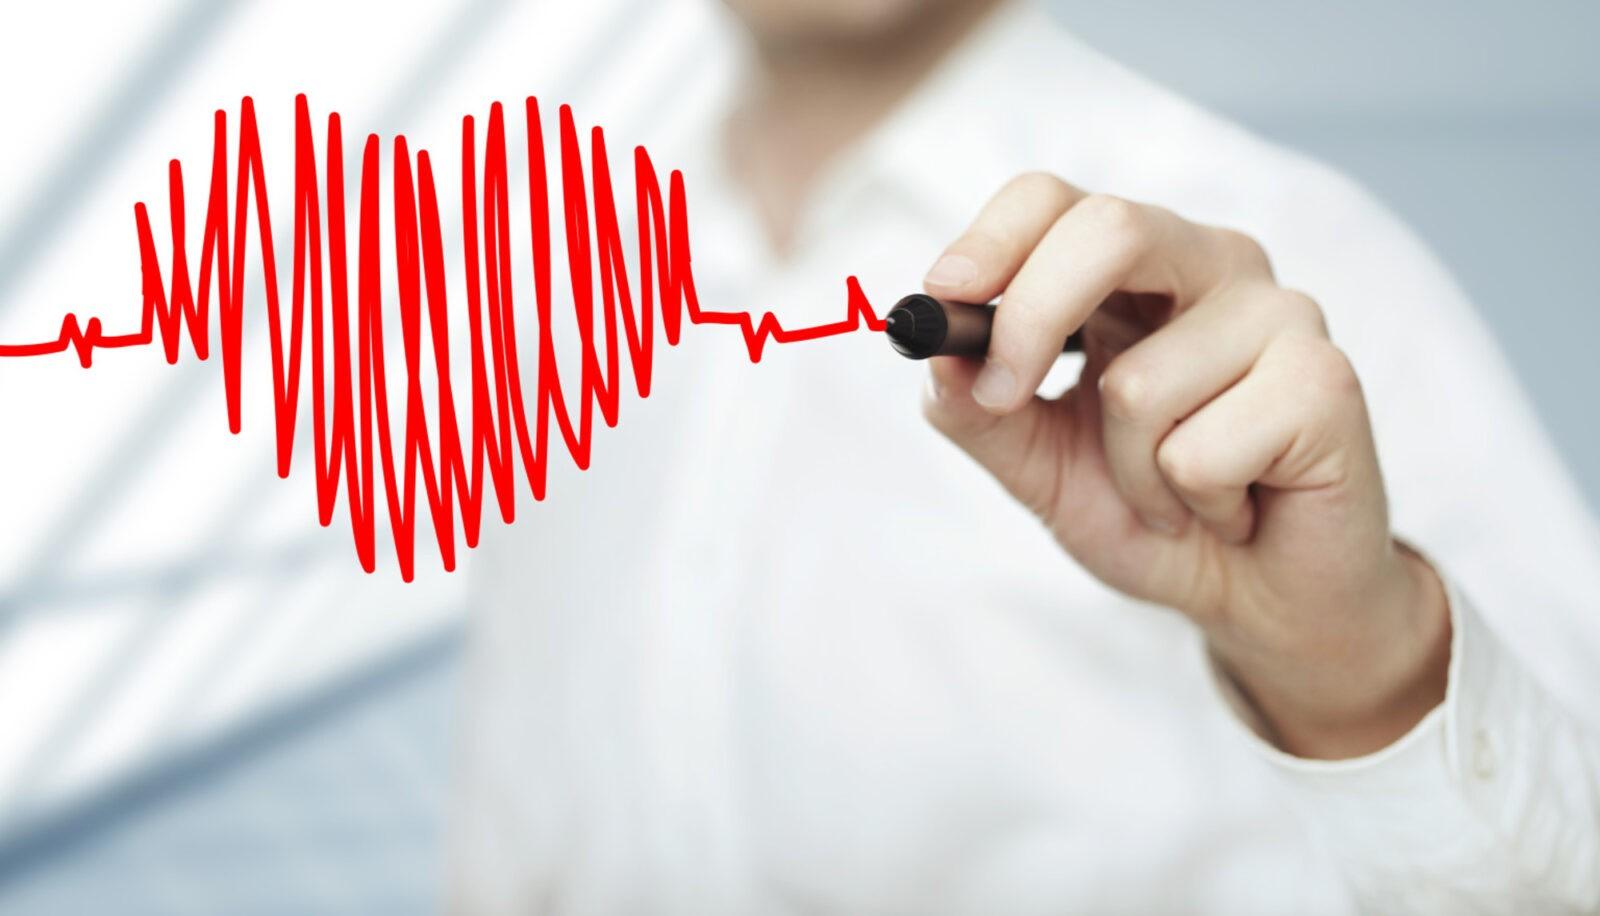 Вот, что необходимо делать в случае сердечного приступа, у вас есть только 10 секунд, чтобы спасти свою жизнь